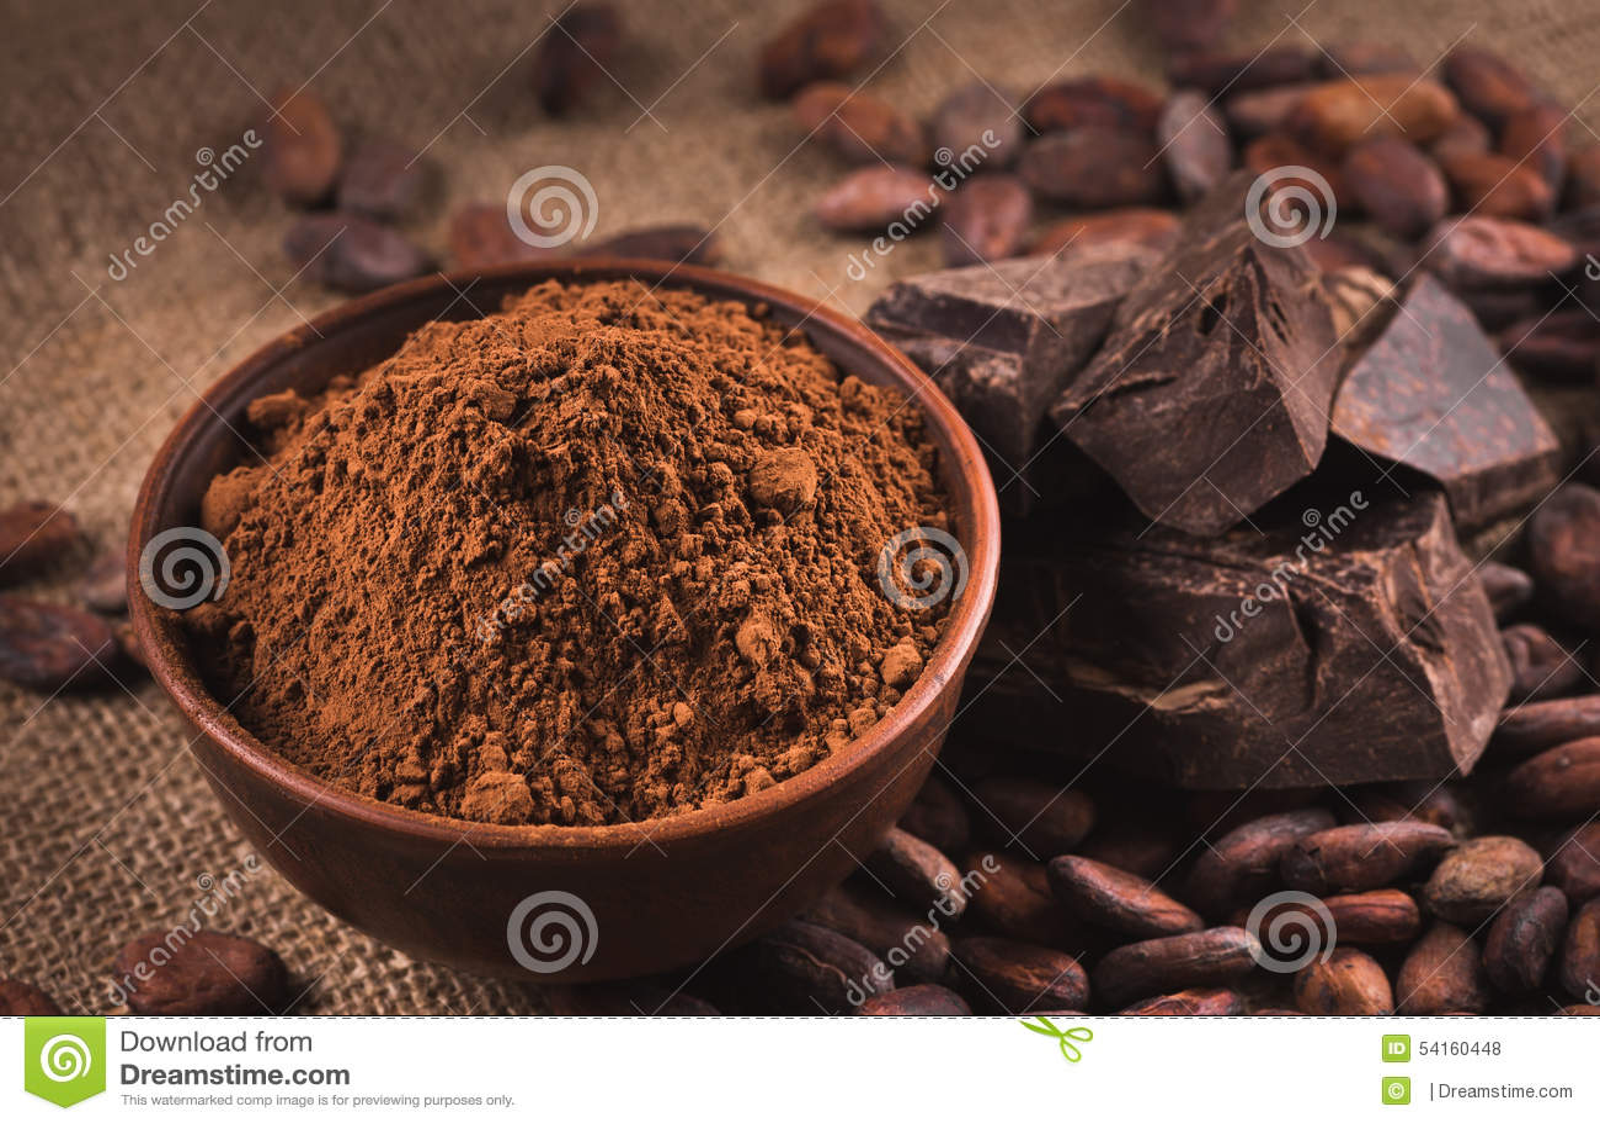 Rohe Kakaobohnen, Lehmschüssel mit Kakaopulver, Schokolade auf Sack